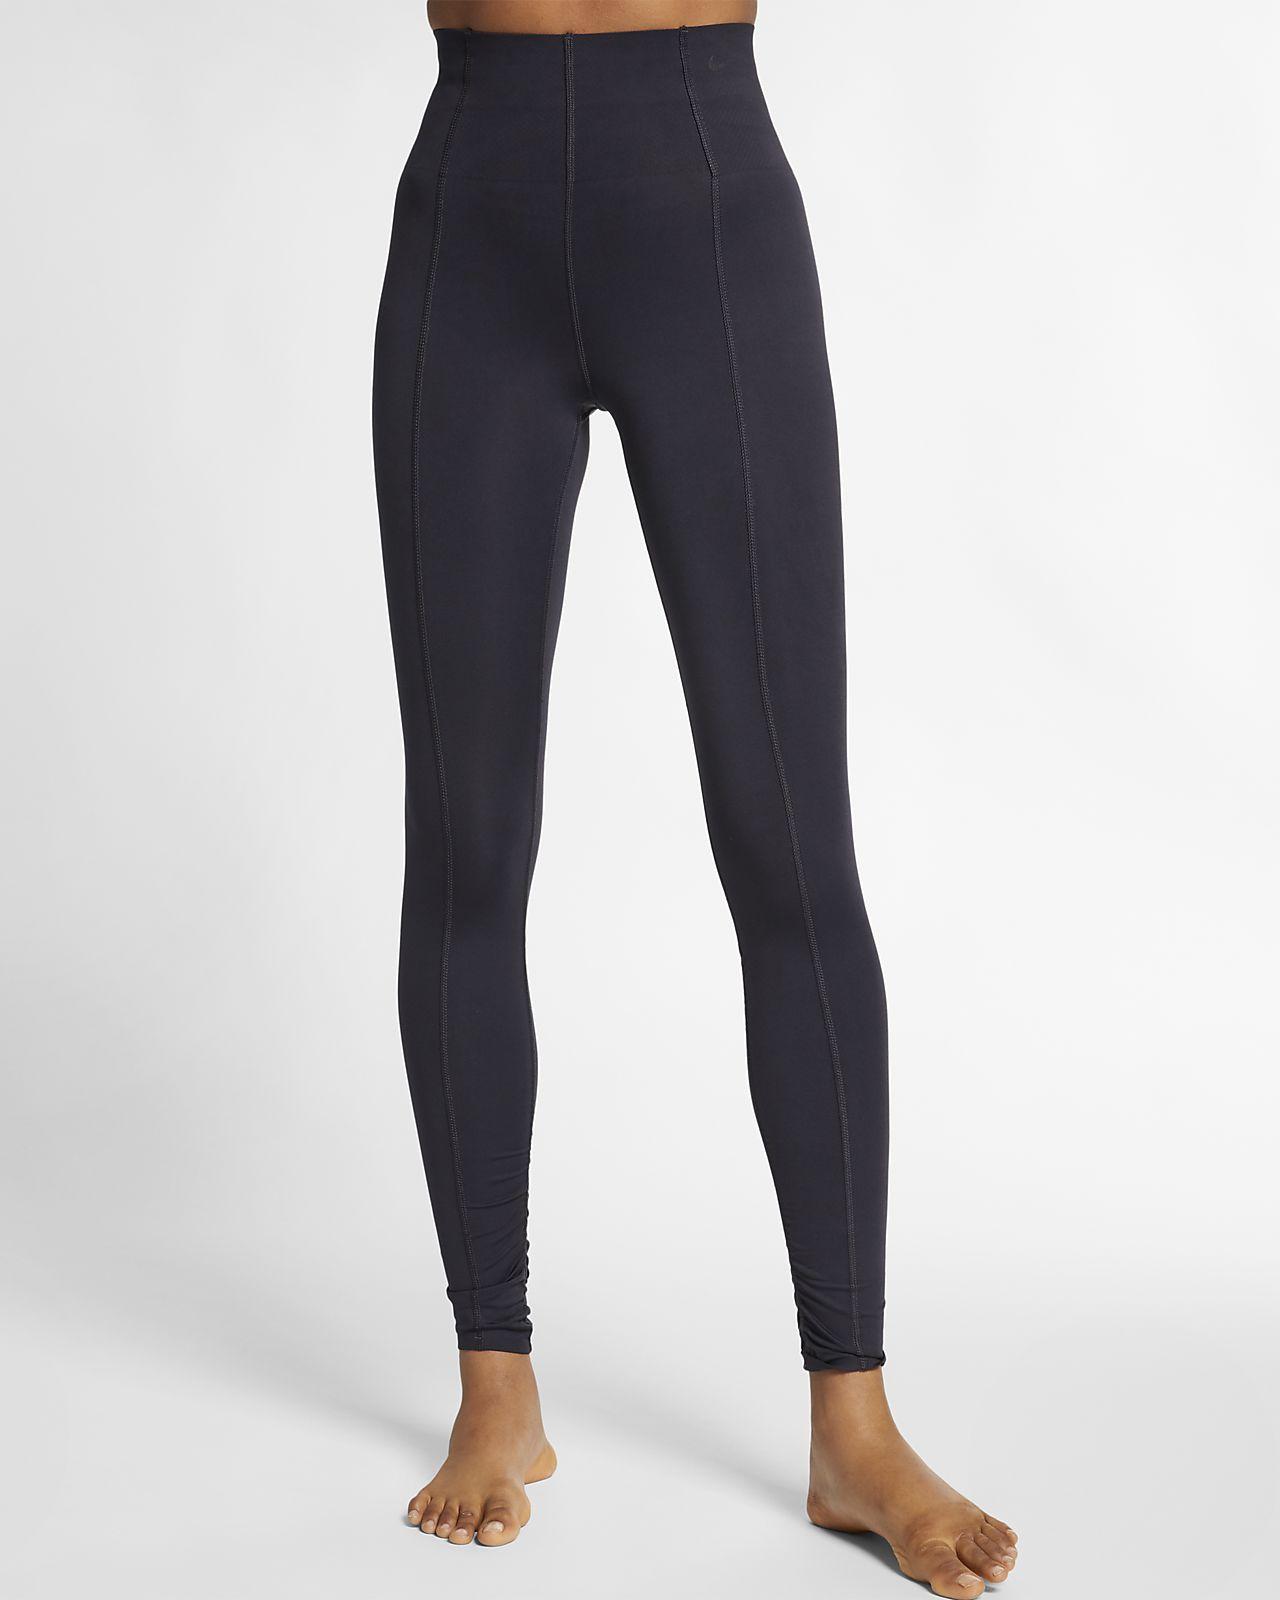 Nike Studio 女款高腰訓練緊身褲